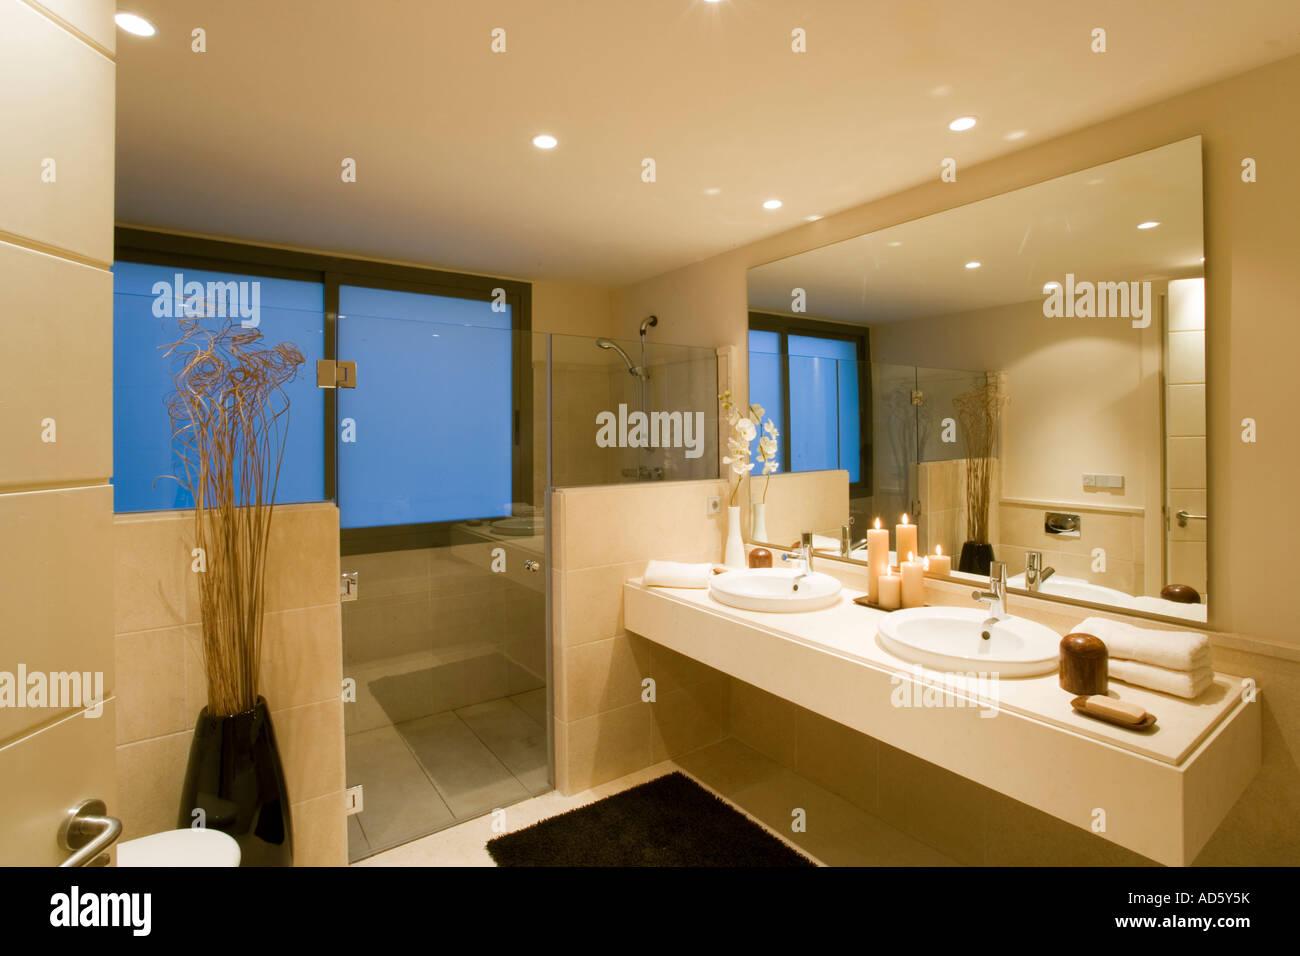 Las puertas de vidrio de la ducha en el cuarto de baño modernos ...